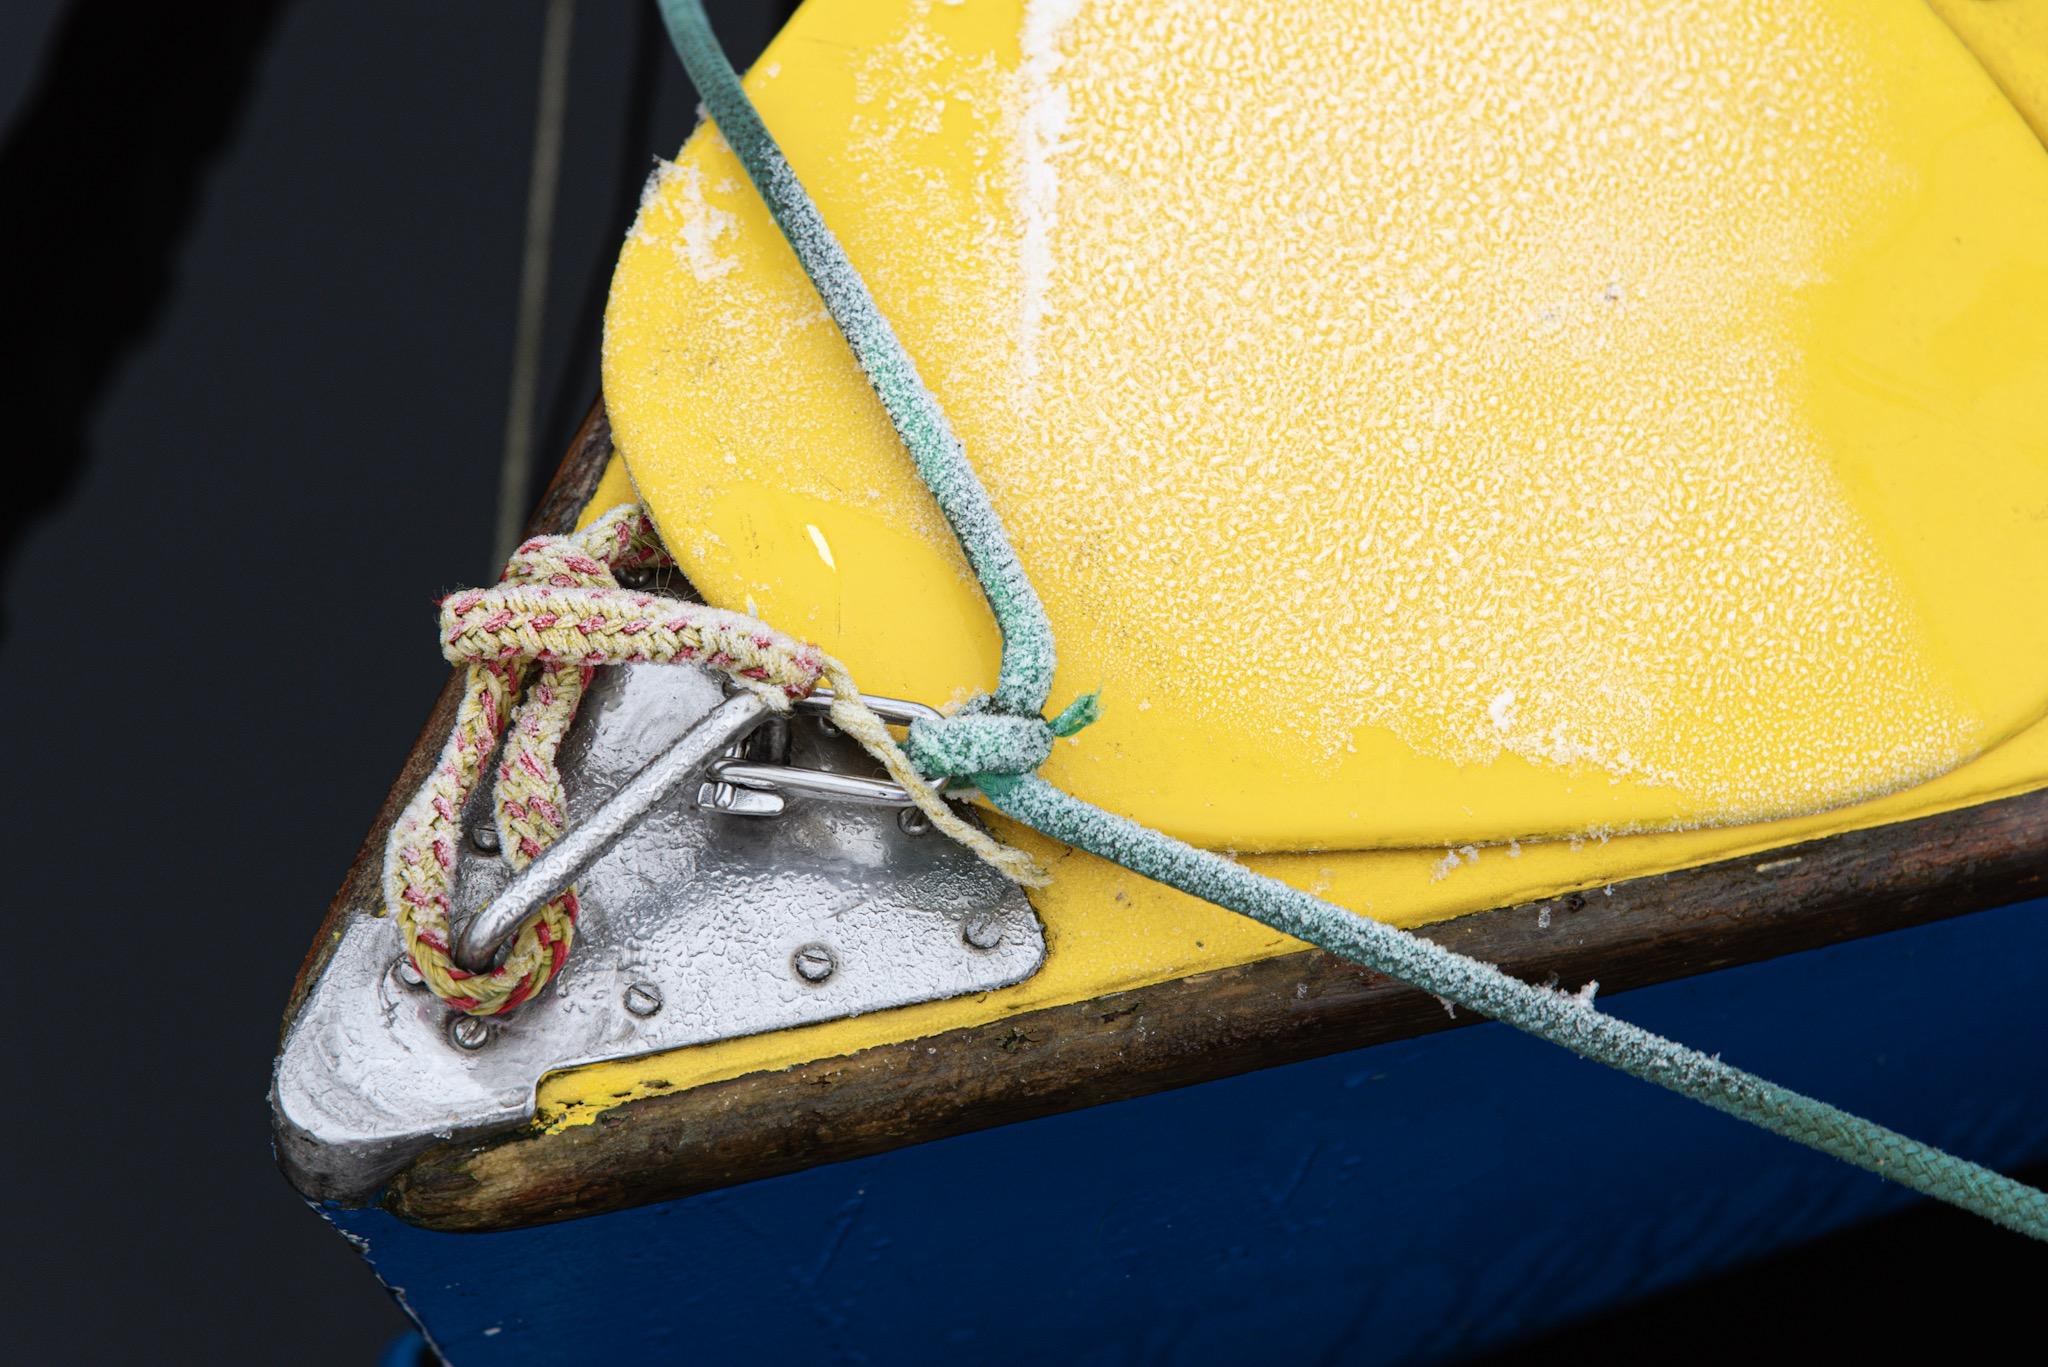 Eis auf dem Boot